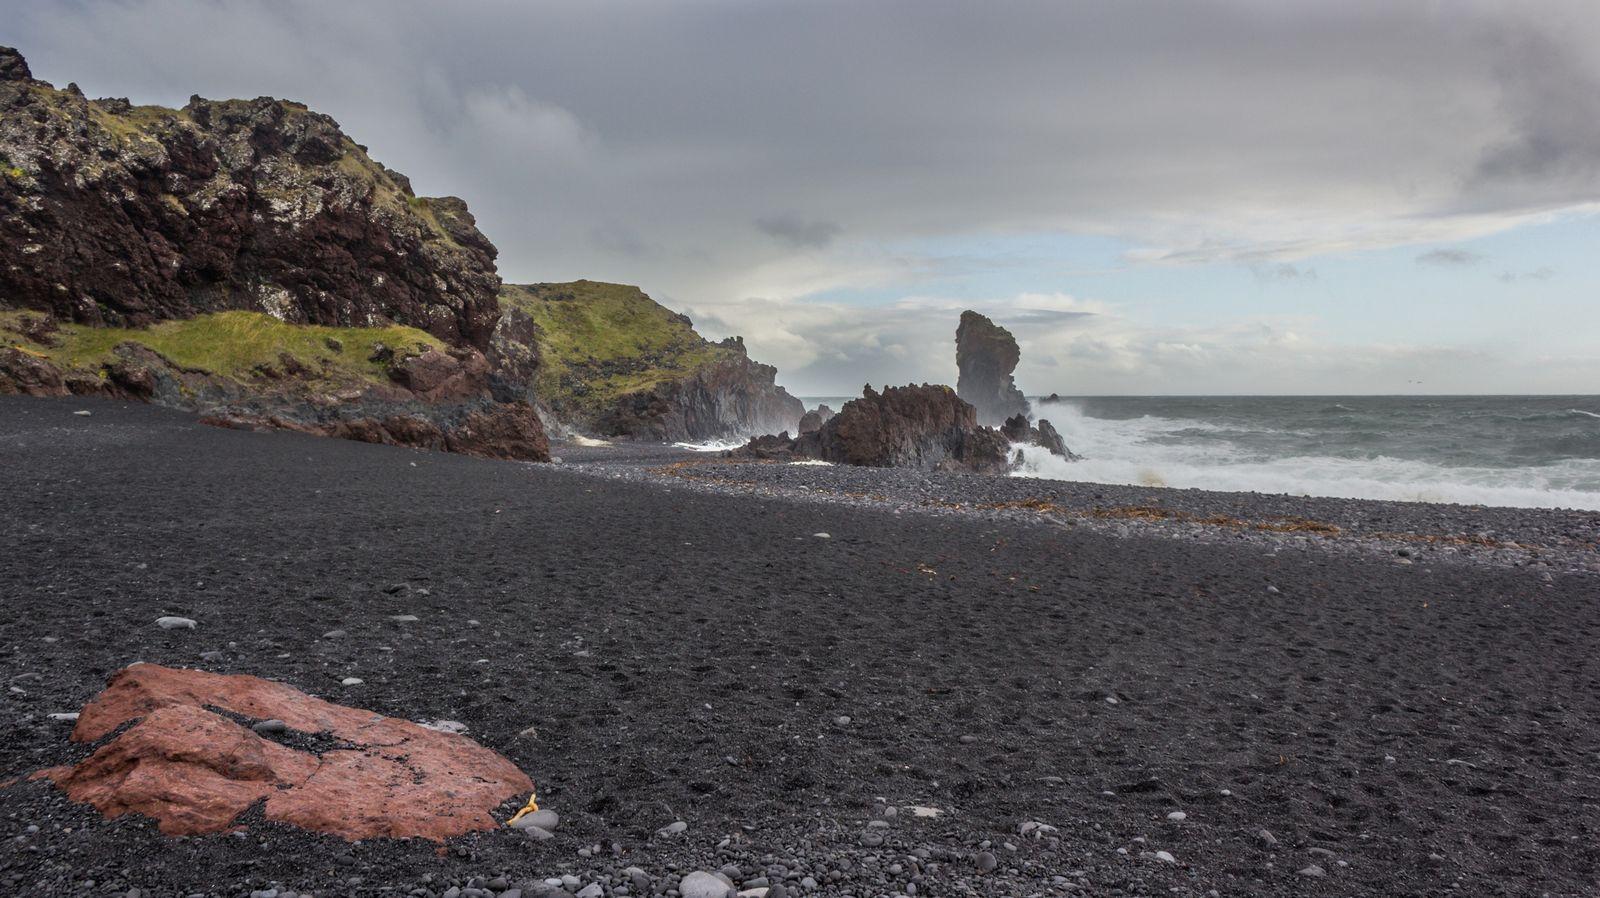 Nuevamente arena y rocas negras